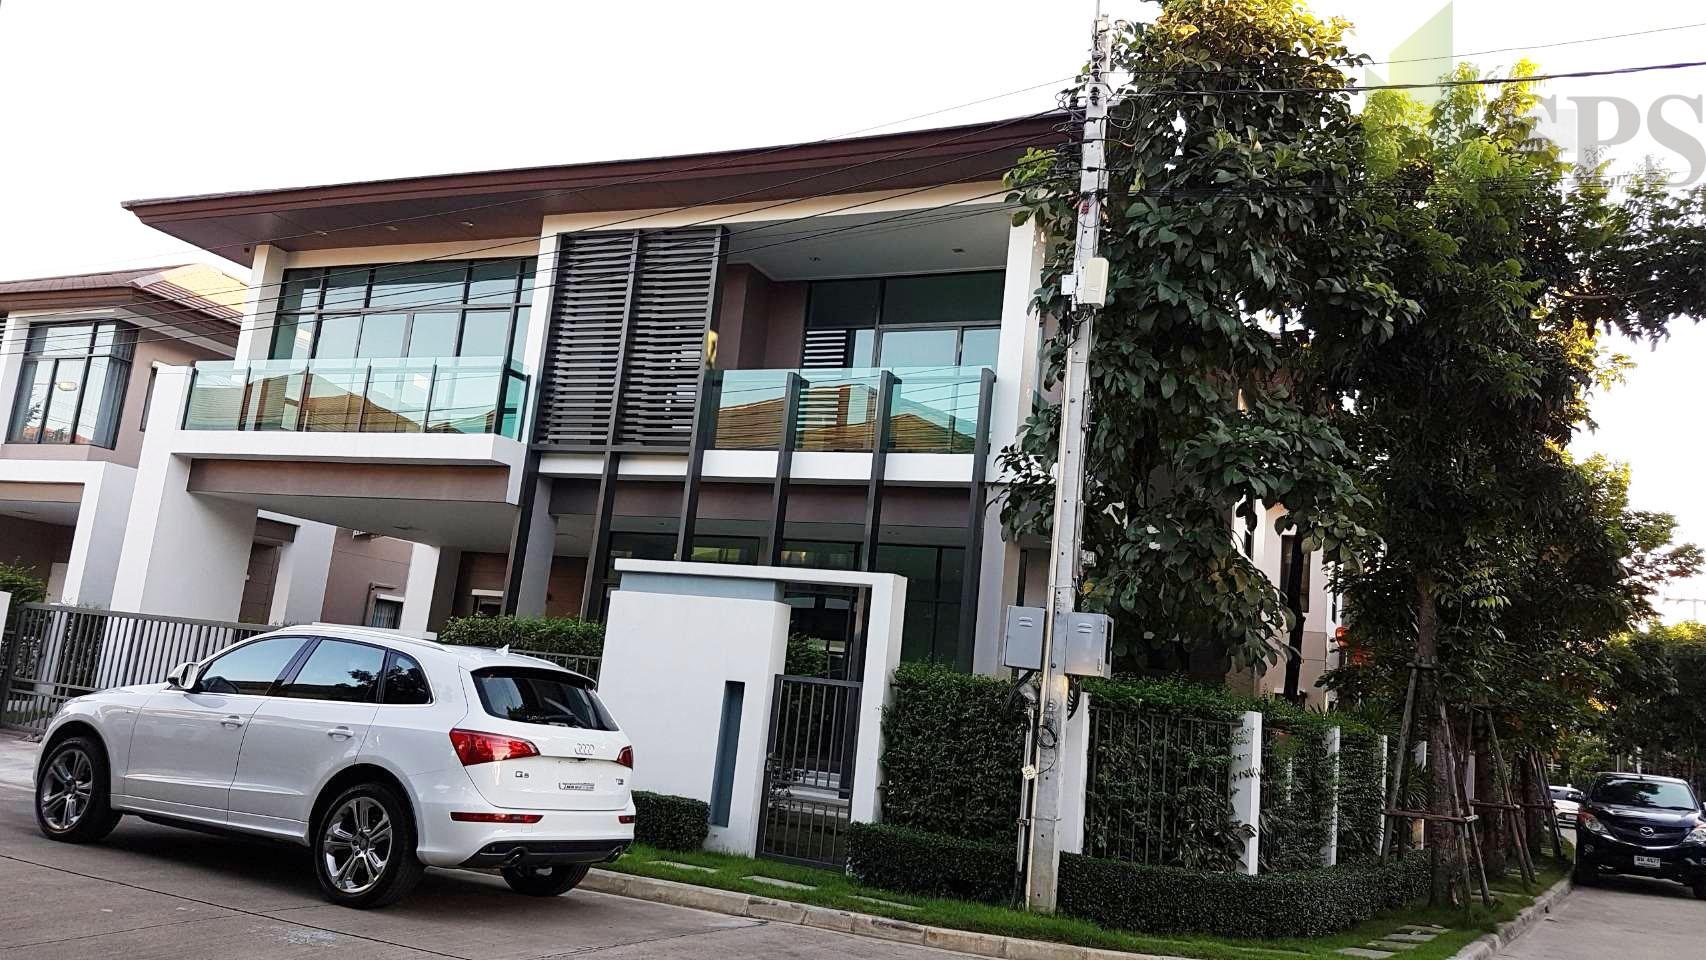 For Sale Single house Setthasiri 4+1 bedrooms Onnut – Srinakarindra (SPS-GH101)